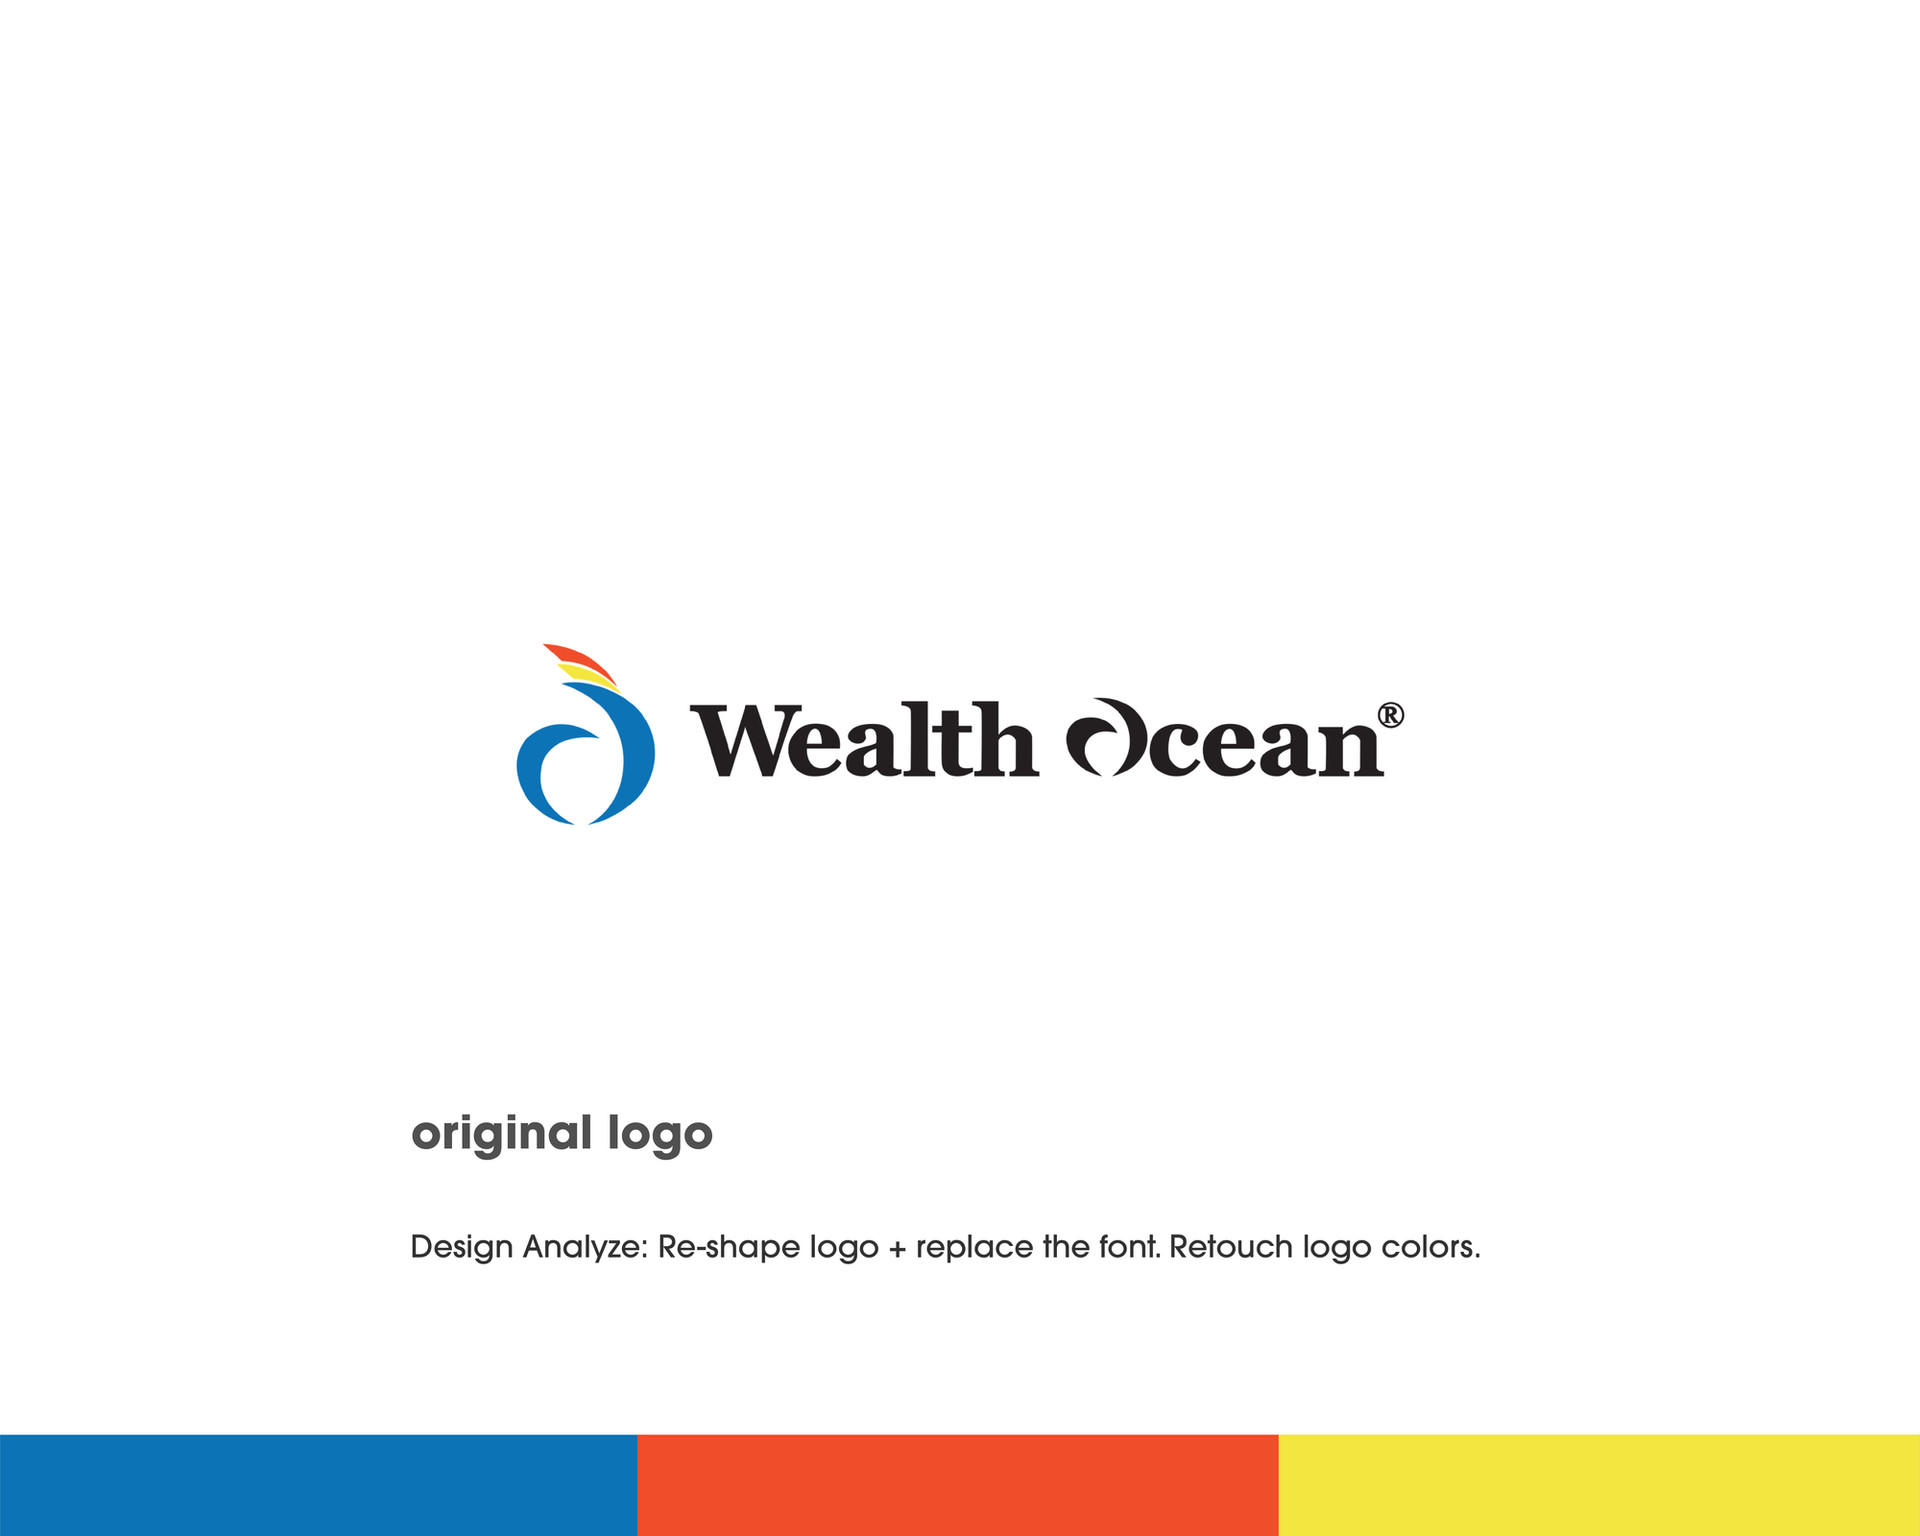 wealth ocean branding-01.jpg